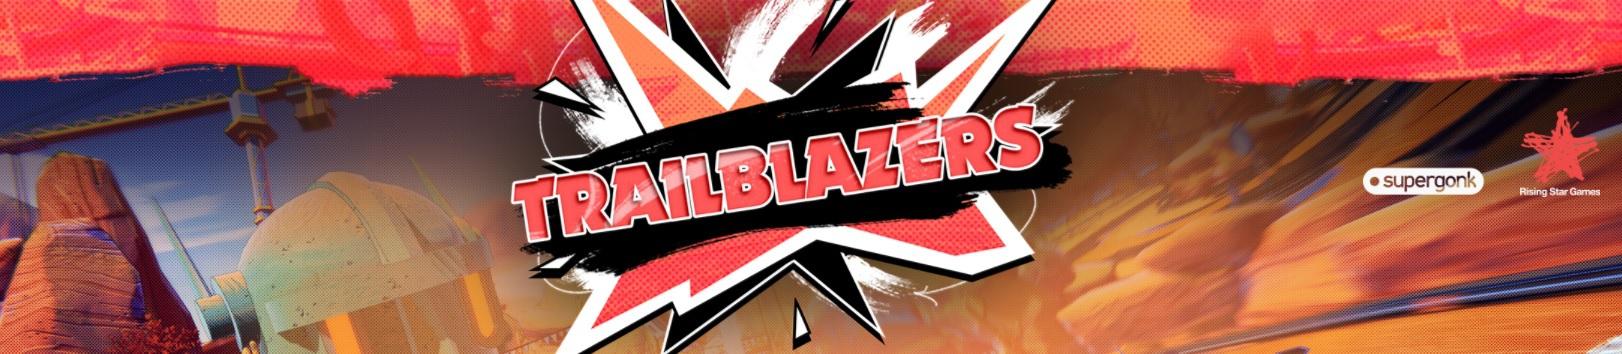 trailblazersps4mageboes.jpg